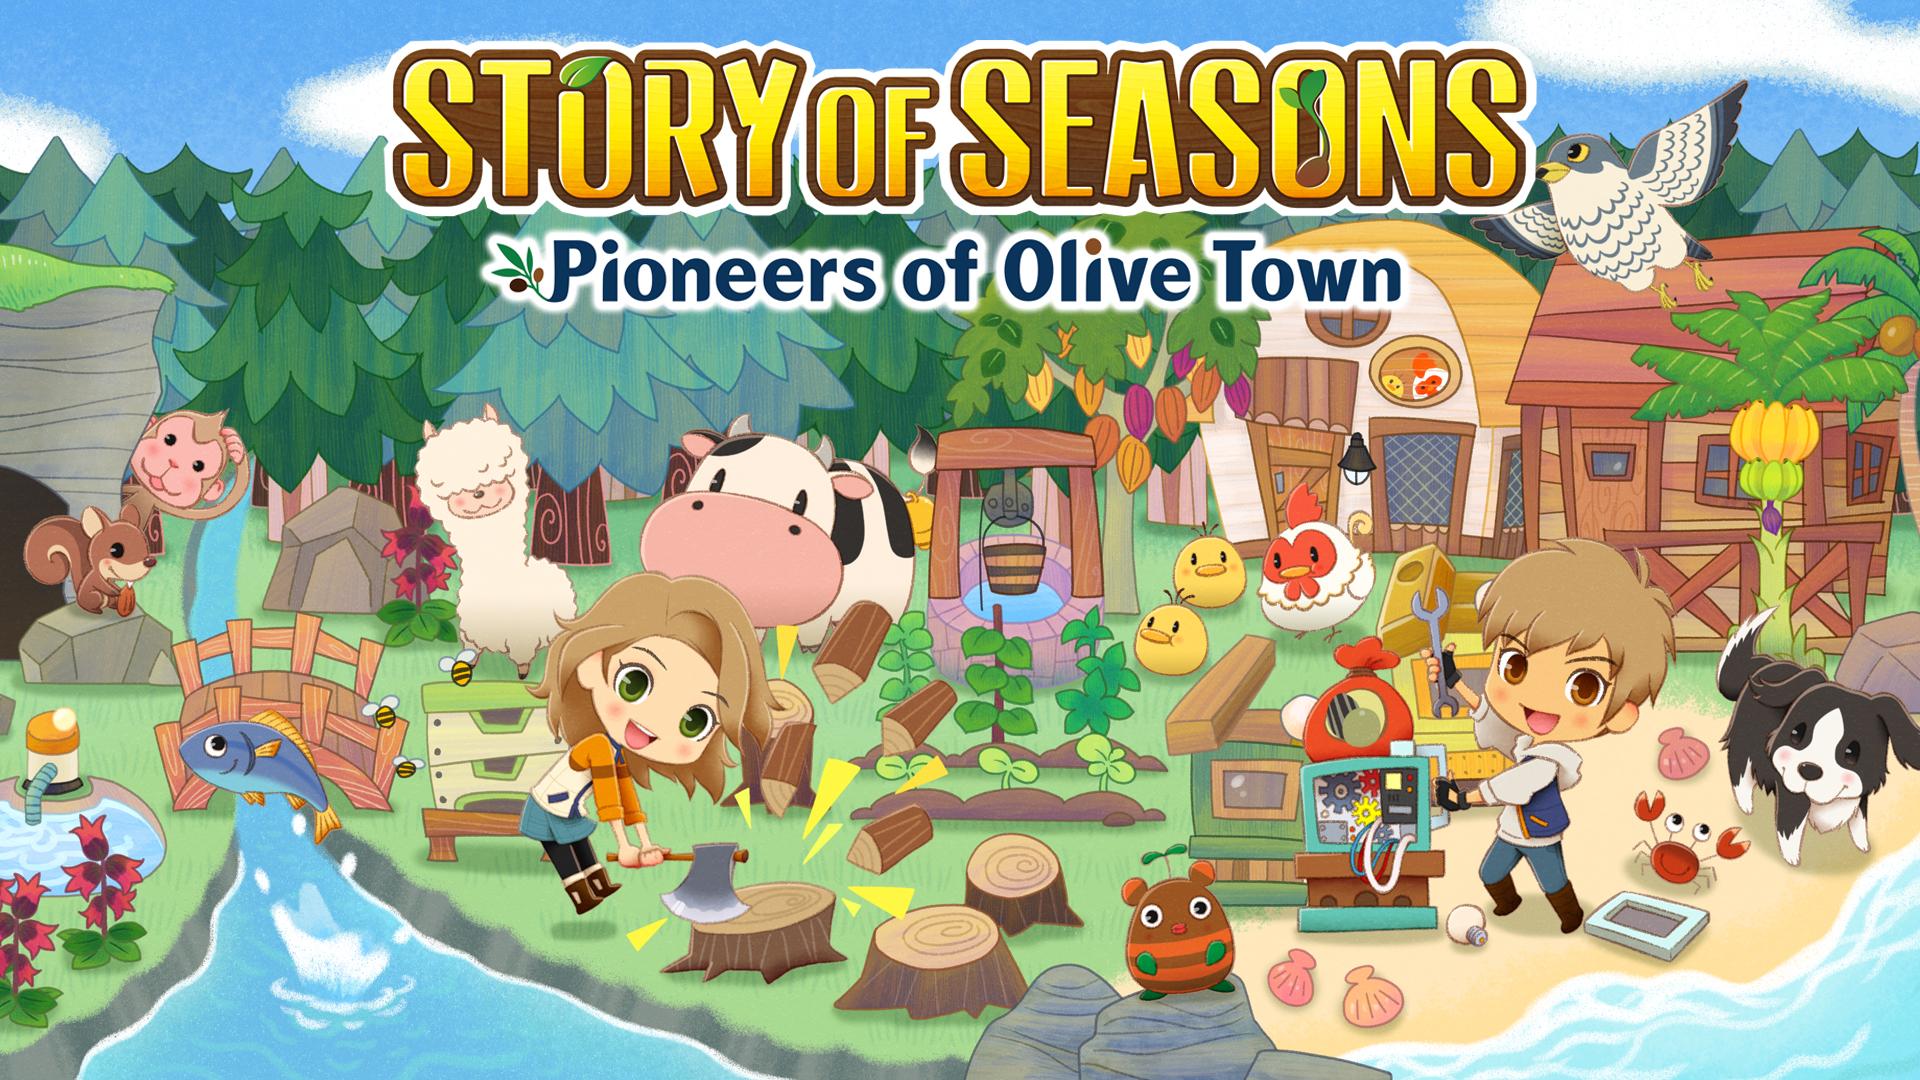 story-of-seasons-pioneers-of-olive-town.jpg